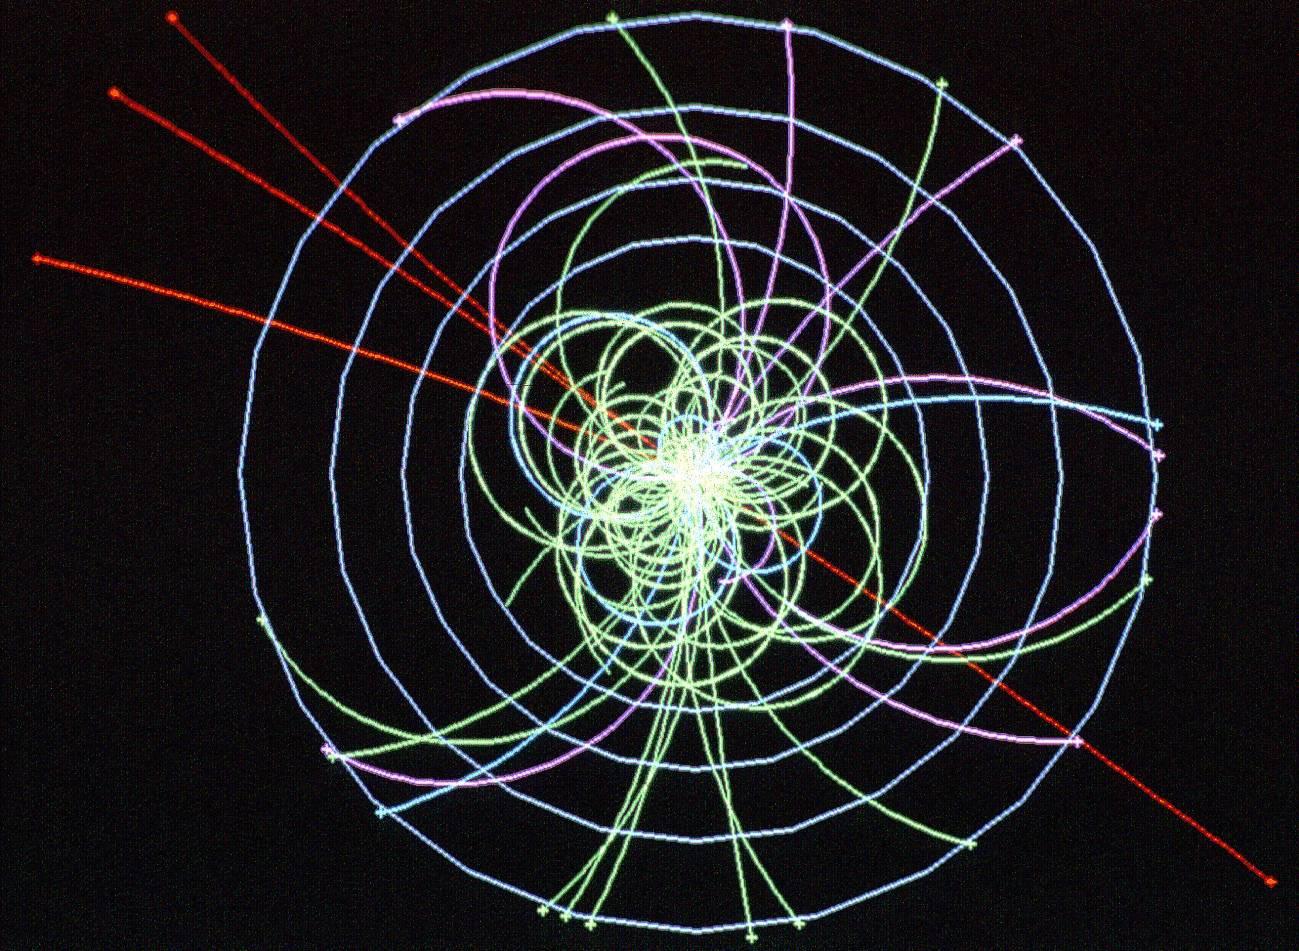 Mecanismo de higgs simulado con la colisión de cuatro muones. Imagen CERN